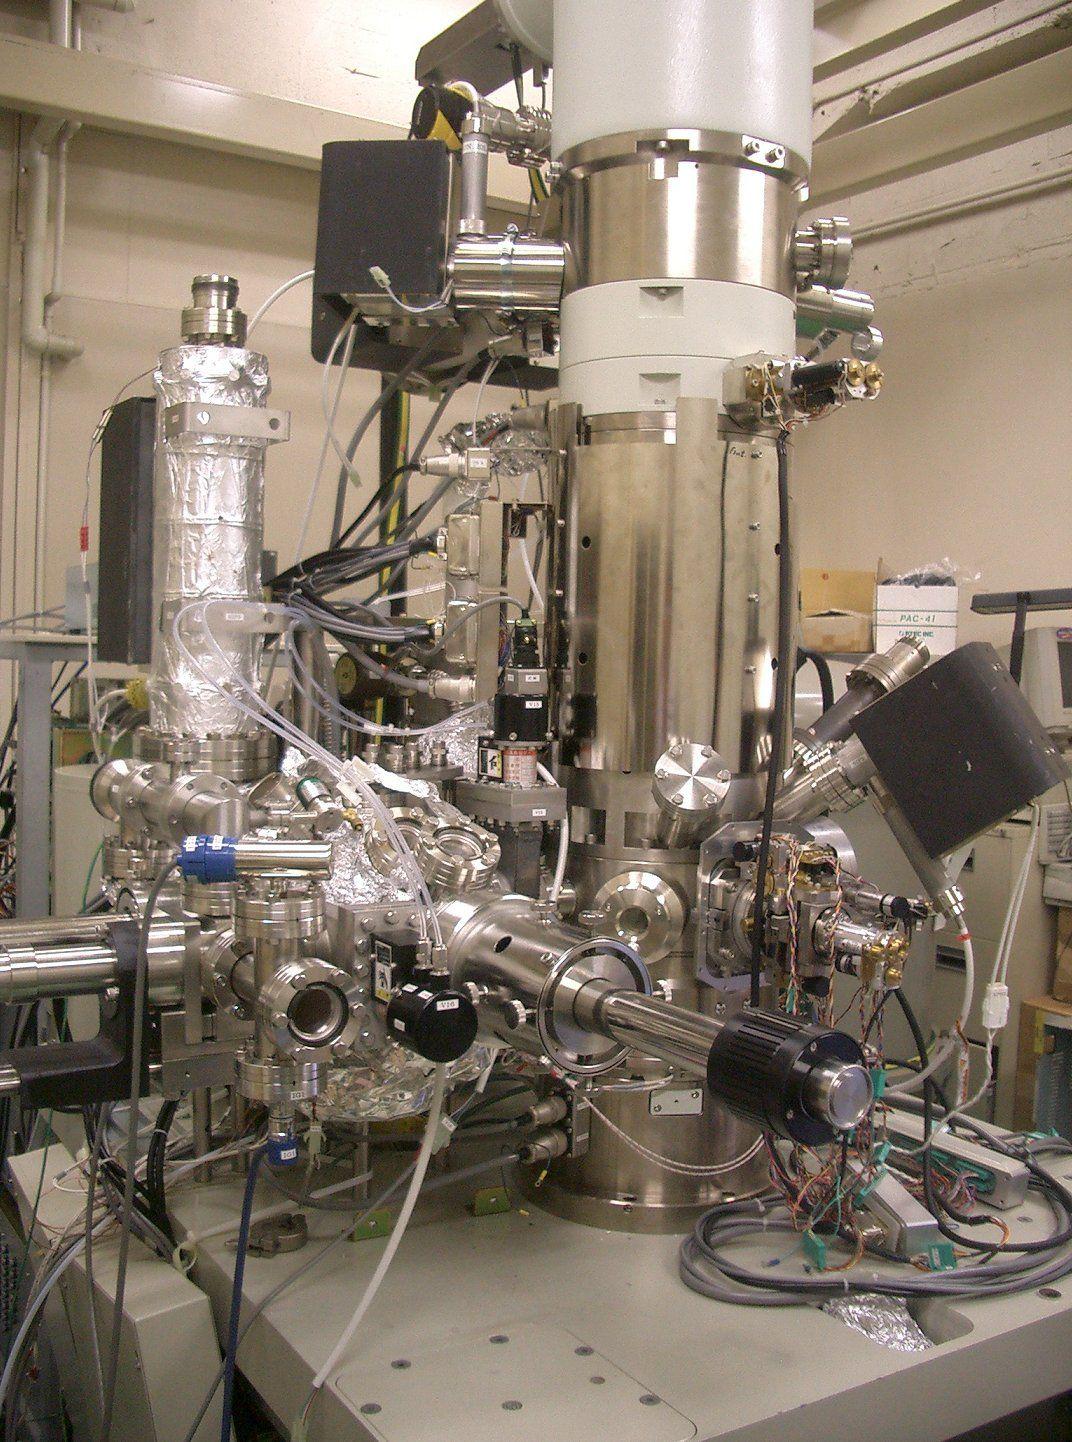 Eksempel på et STEM-mikroskop.Foto: Wikipedia Commons